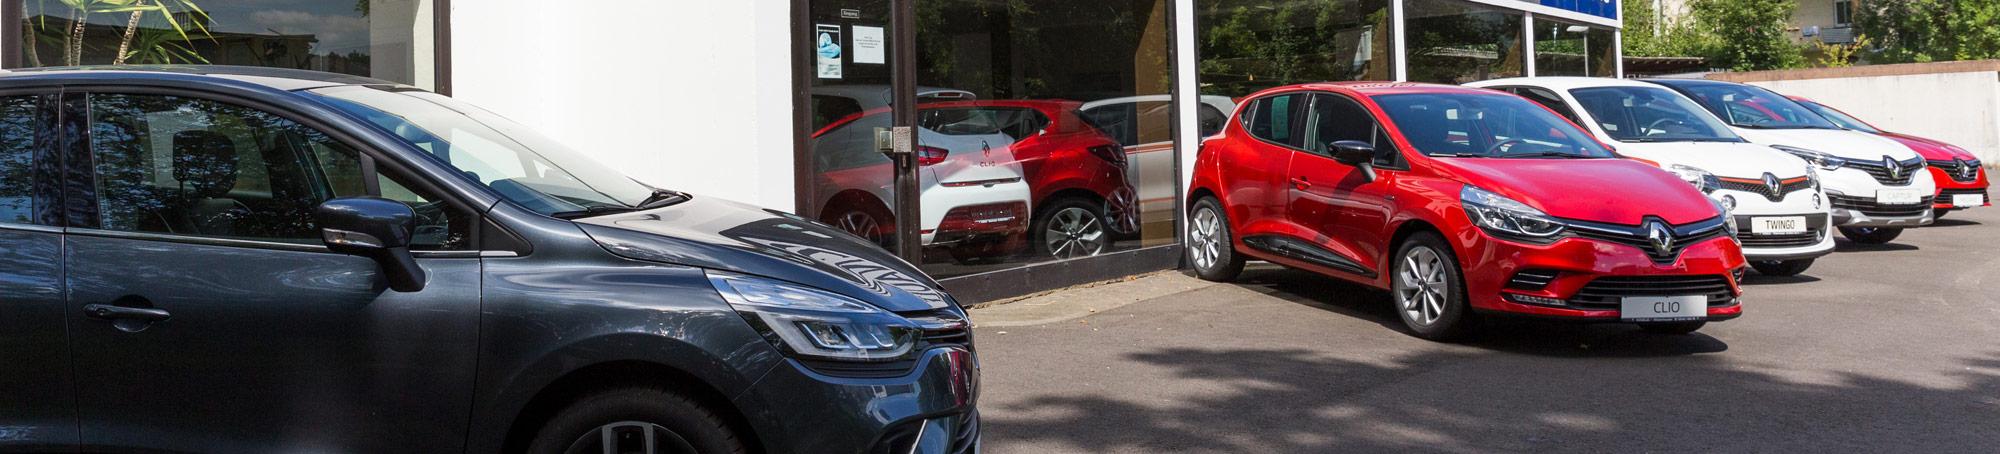 Renault - Neuwagen - Autohaus Heinrich Vogelei Söhne Nachf. KG